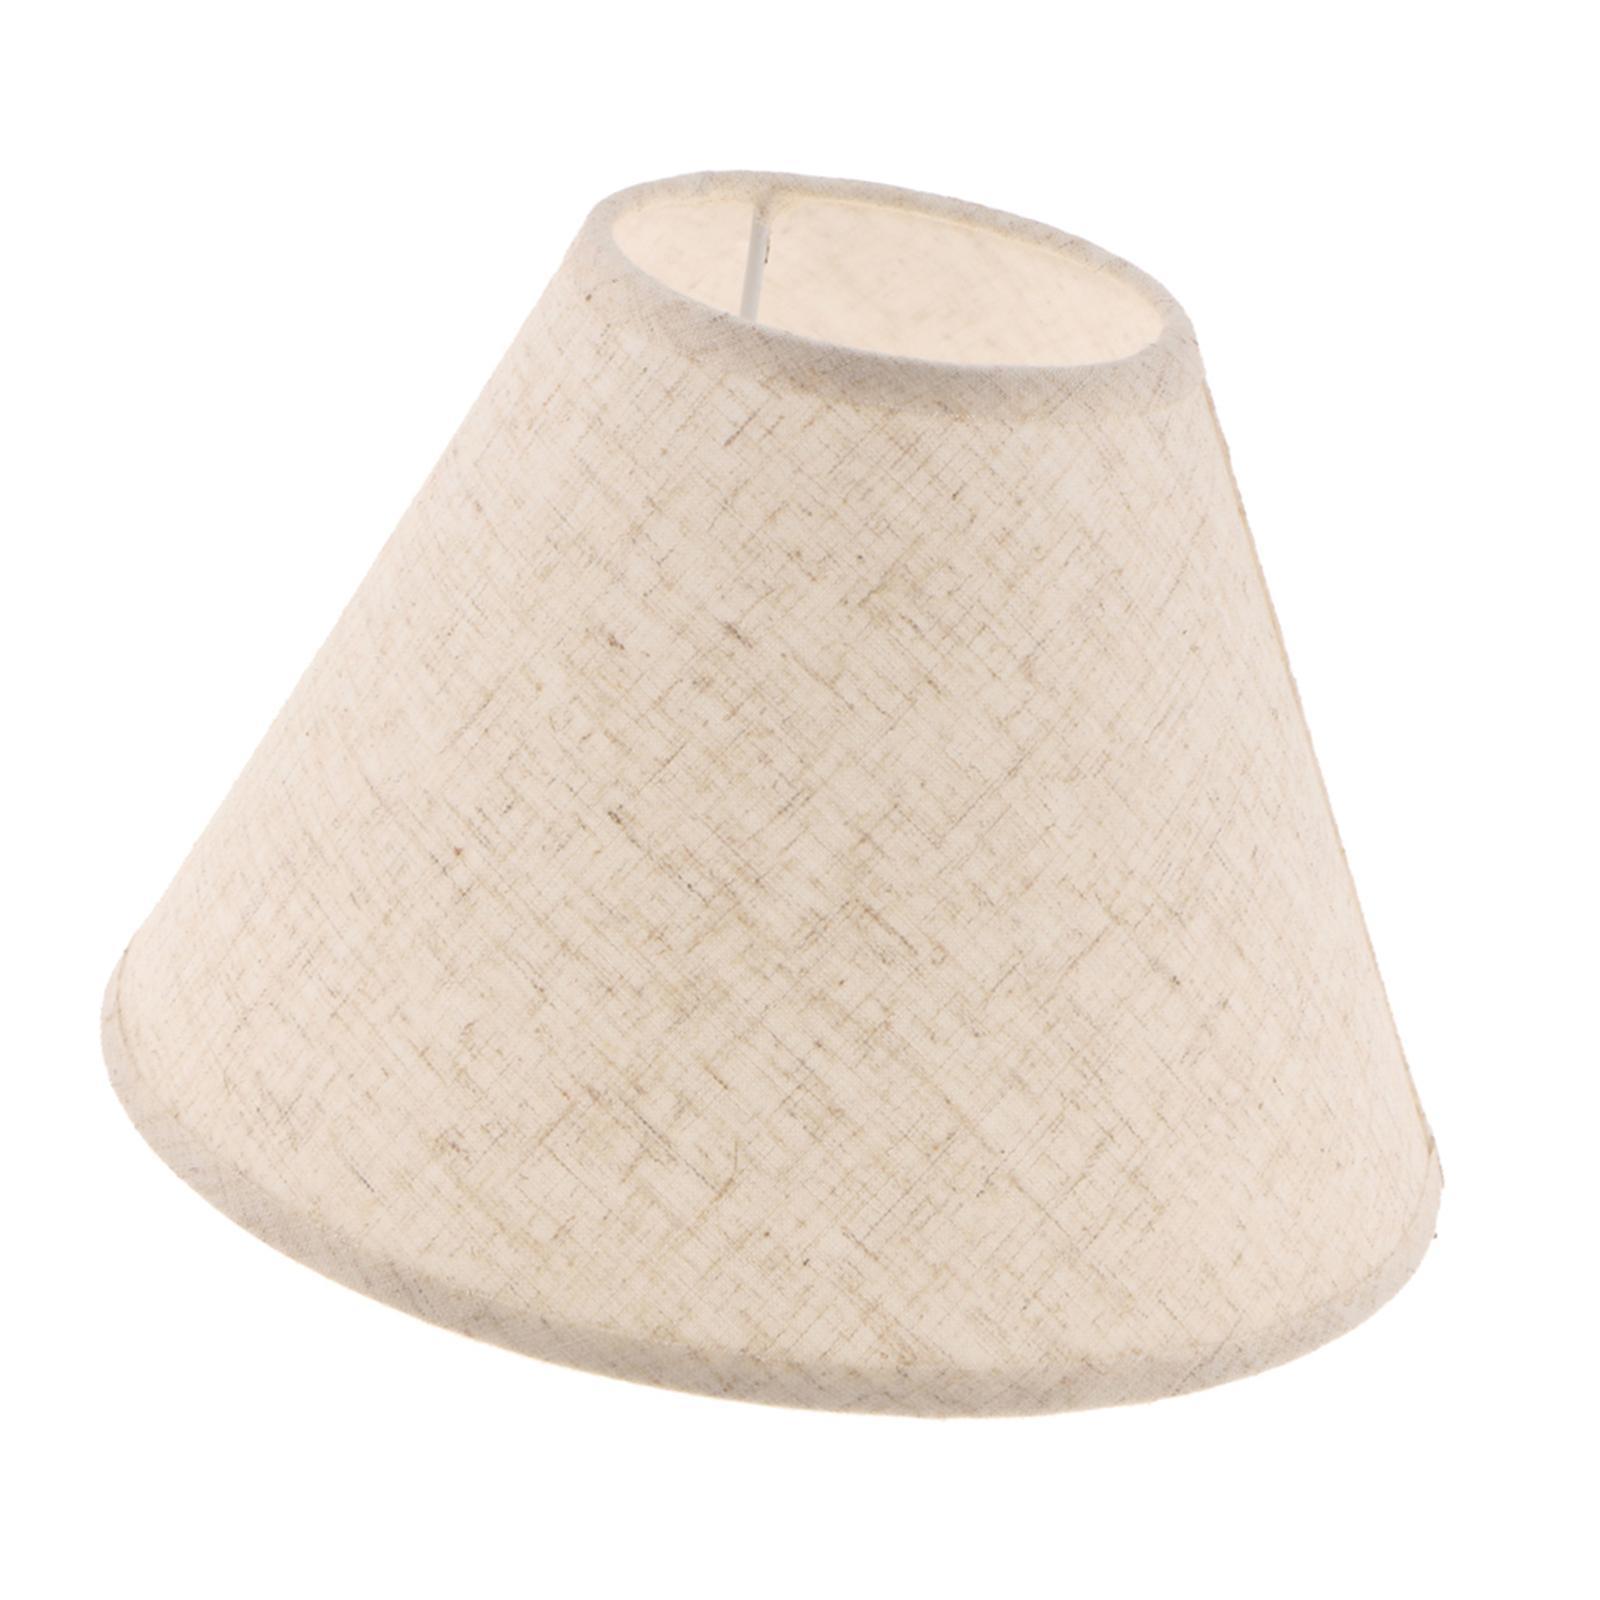 Paralume-in-Tessuto-per-lampada-da-tavolo-o-soffitto-Classico-in-Diversi-Colori miniatura 8